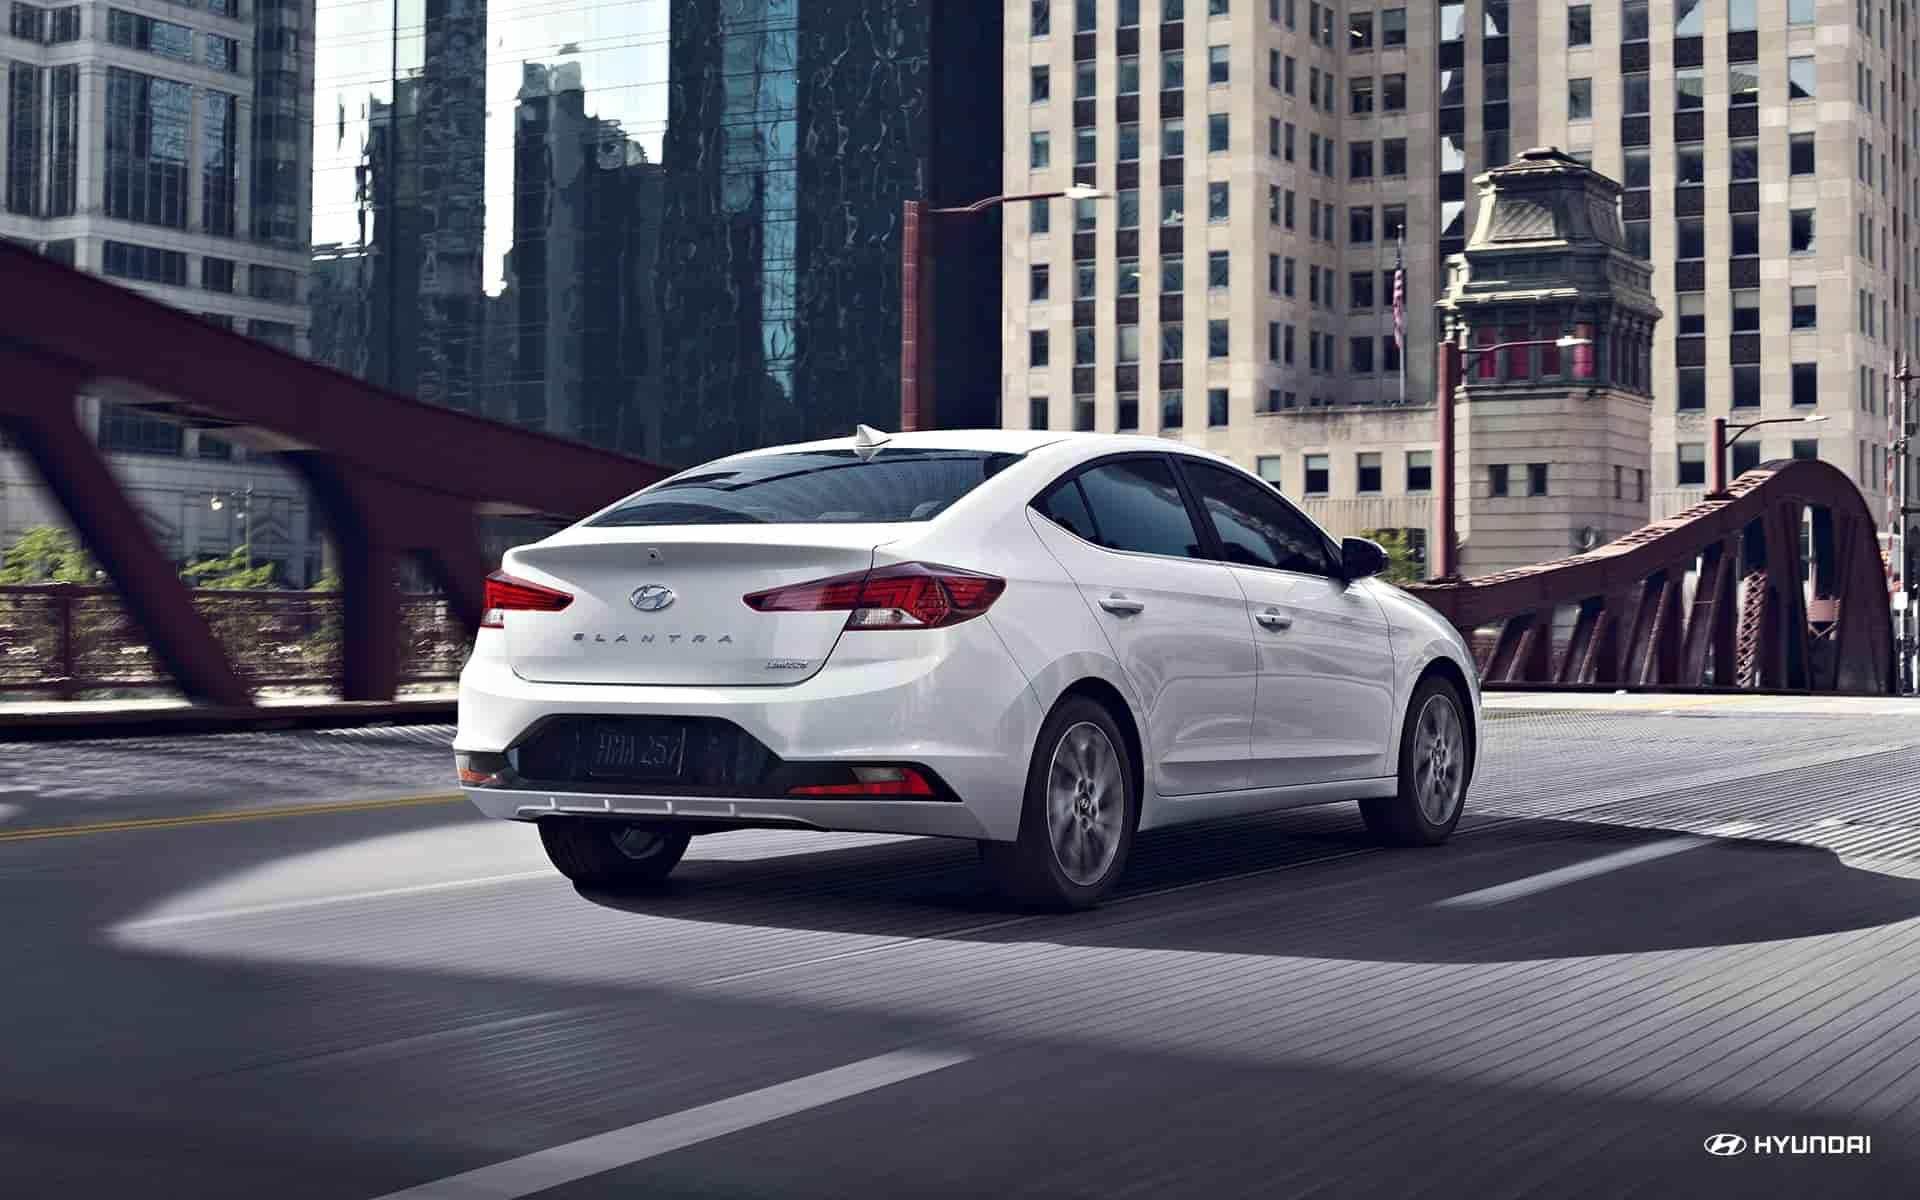 Buy a Car Online 2020 Hyundai Elantra Near Warwick RI